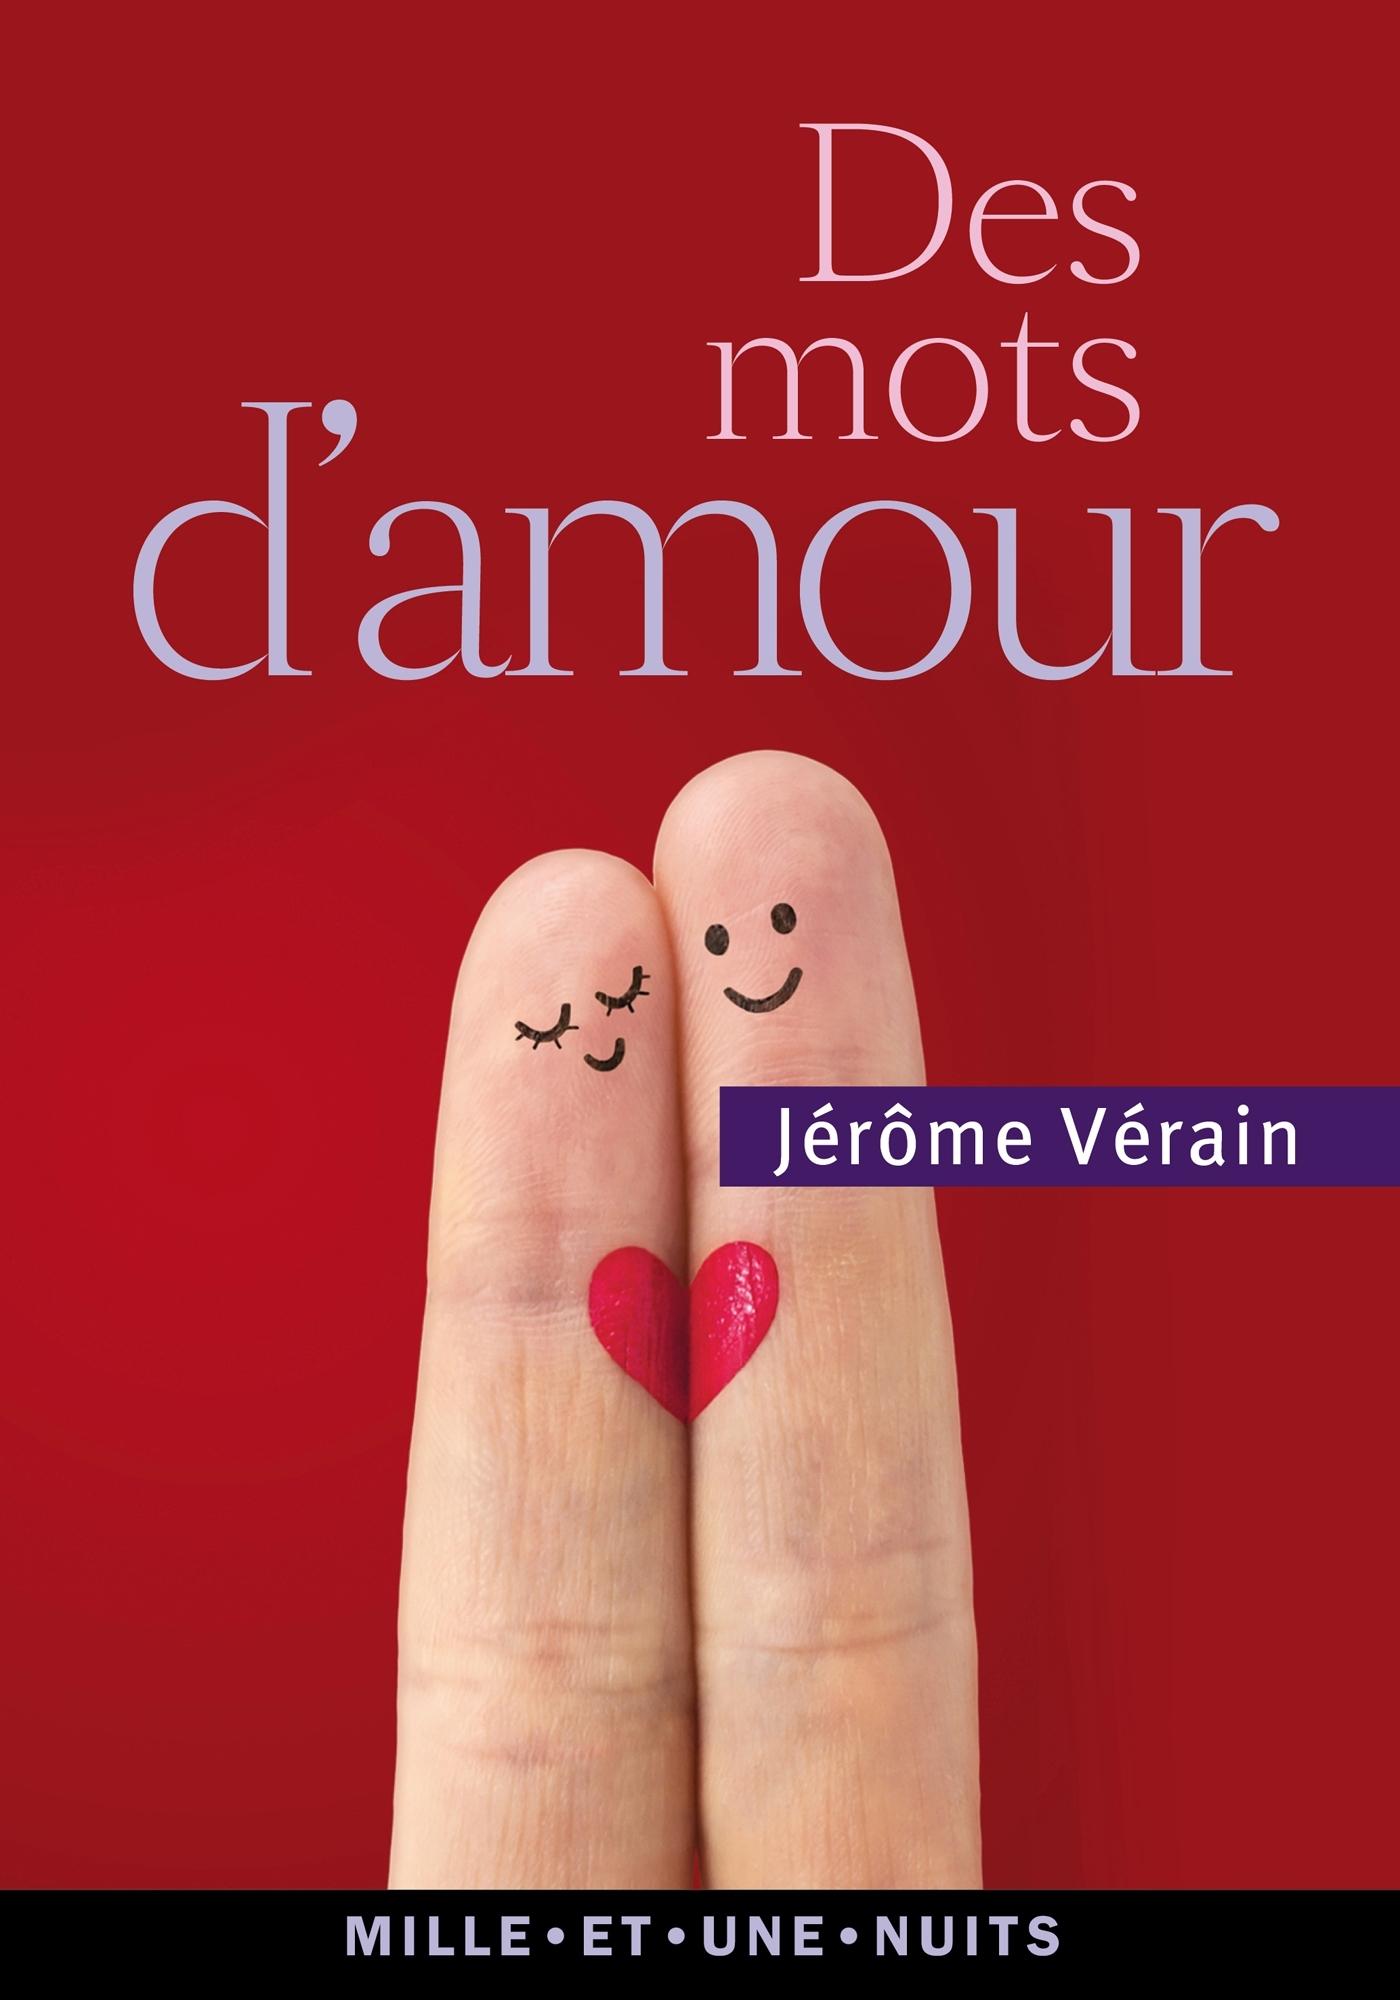 DES MOTS D'AMOUR